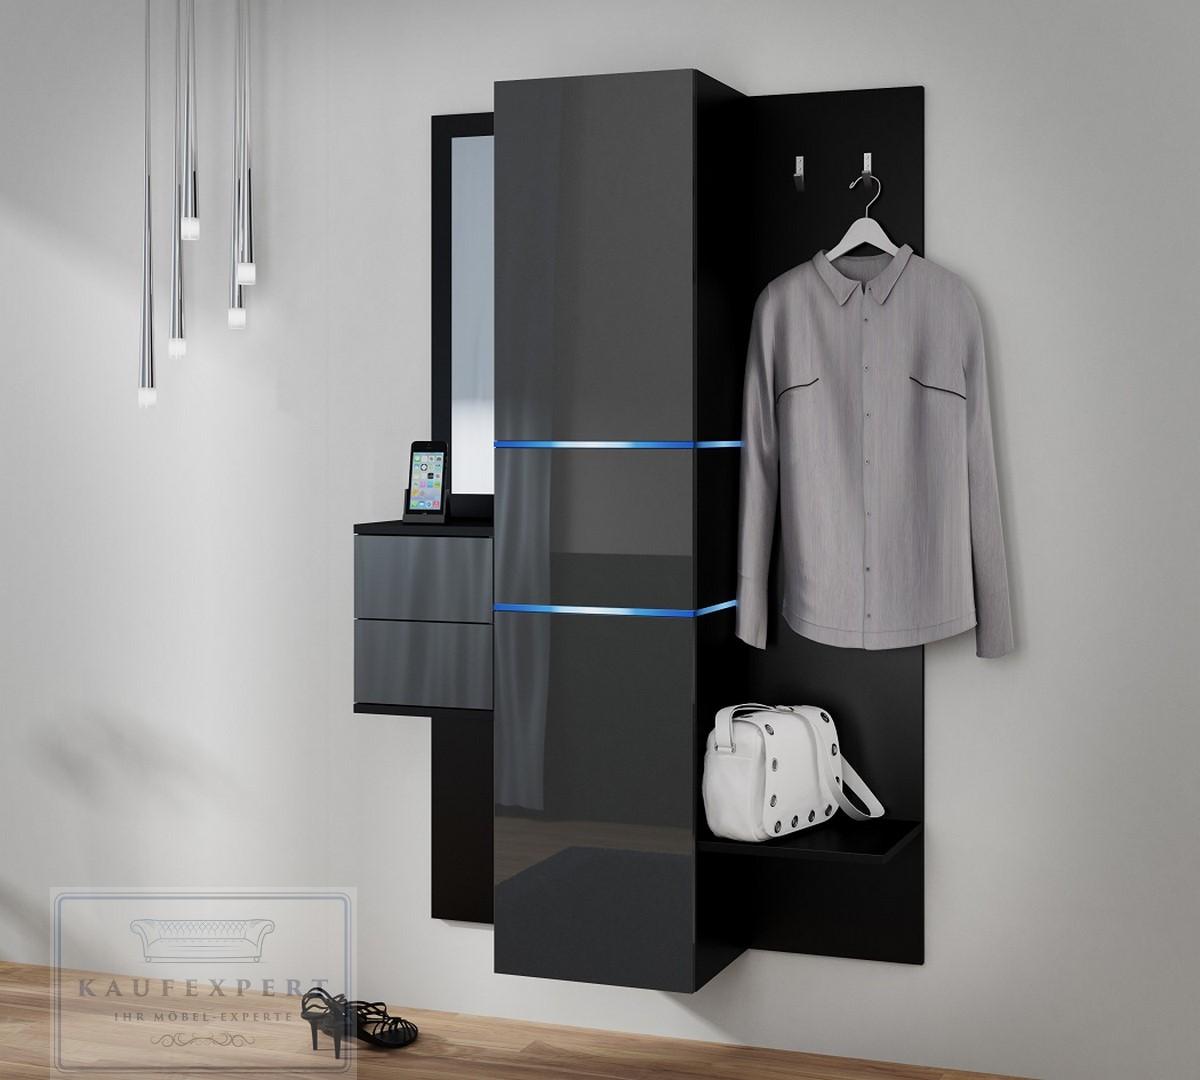 Garderobe camino neue bessere version grau hochglanz wei for Garderobe grau